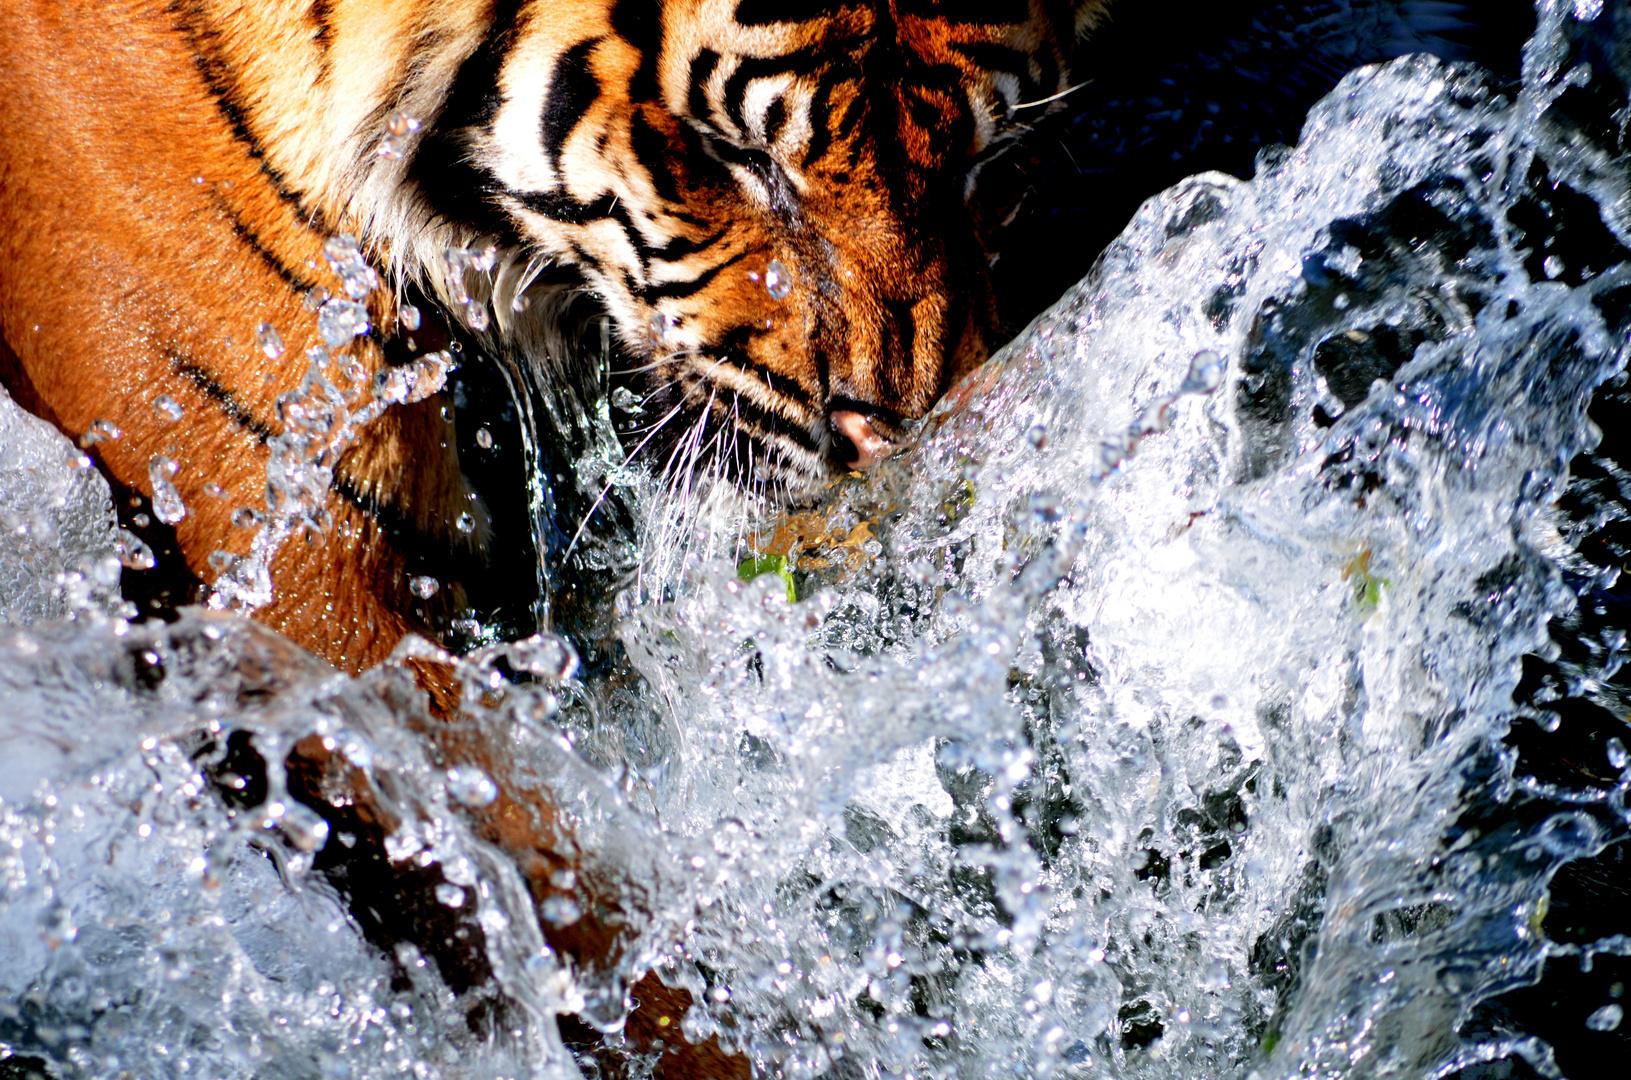 Große Katze im Wasser